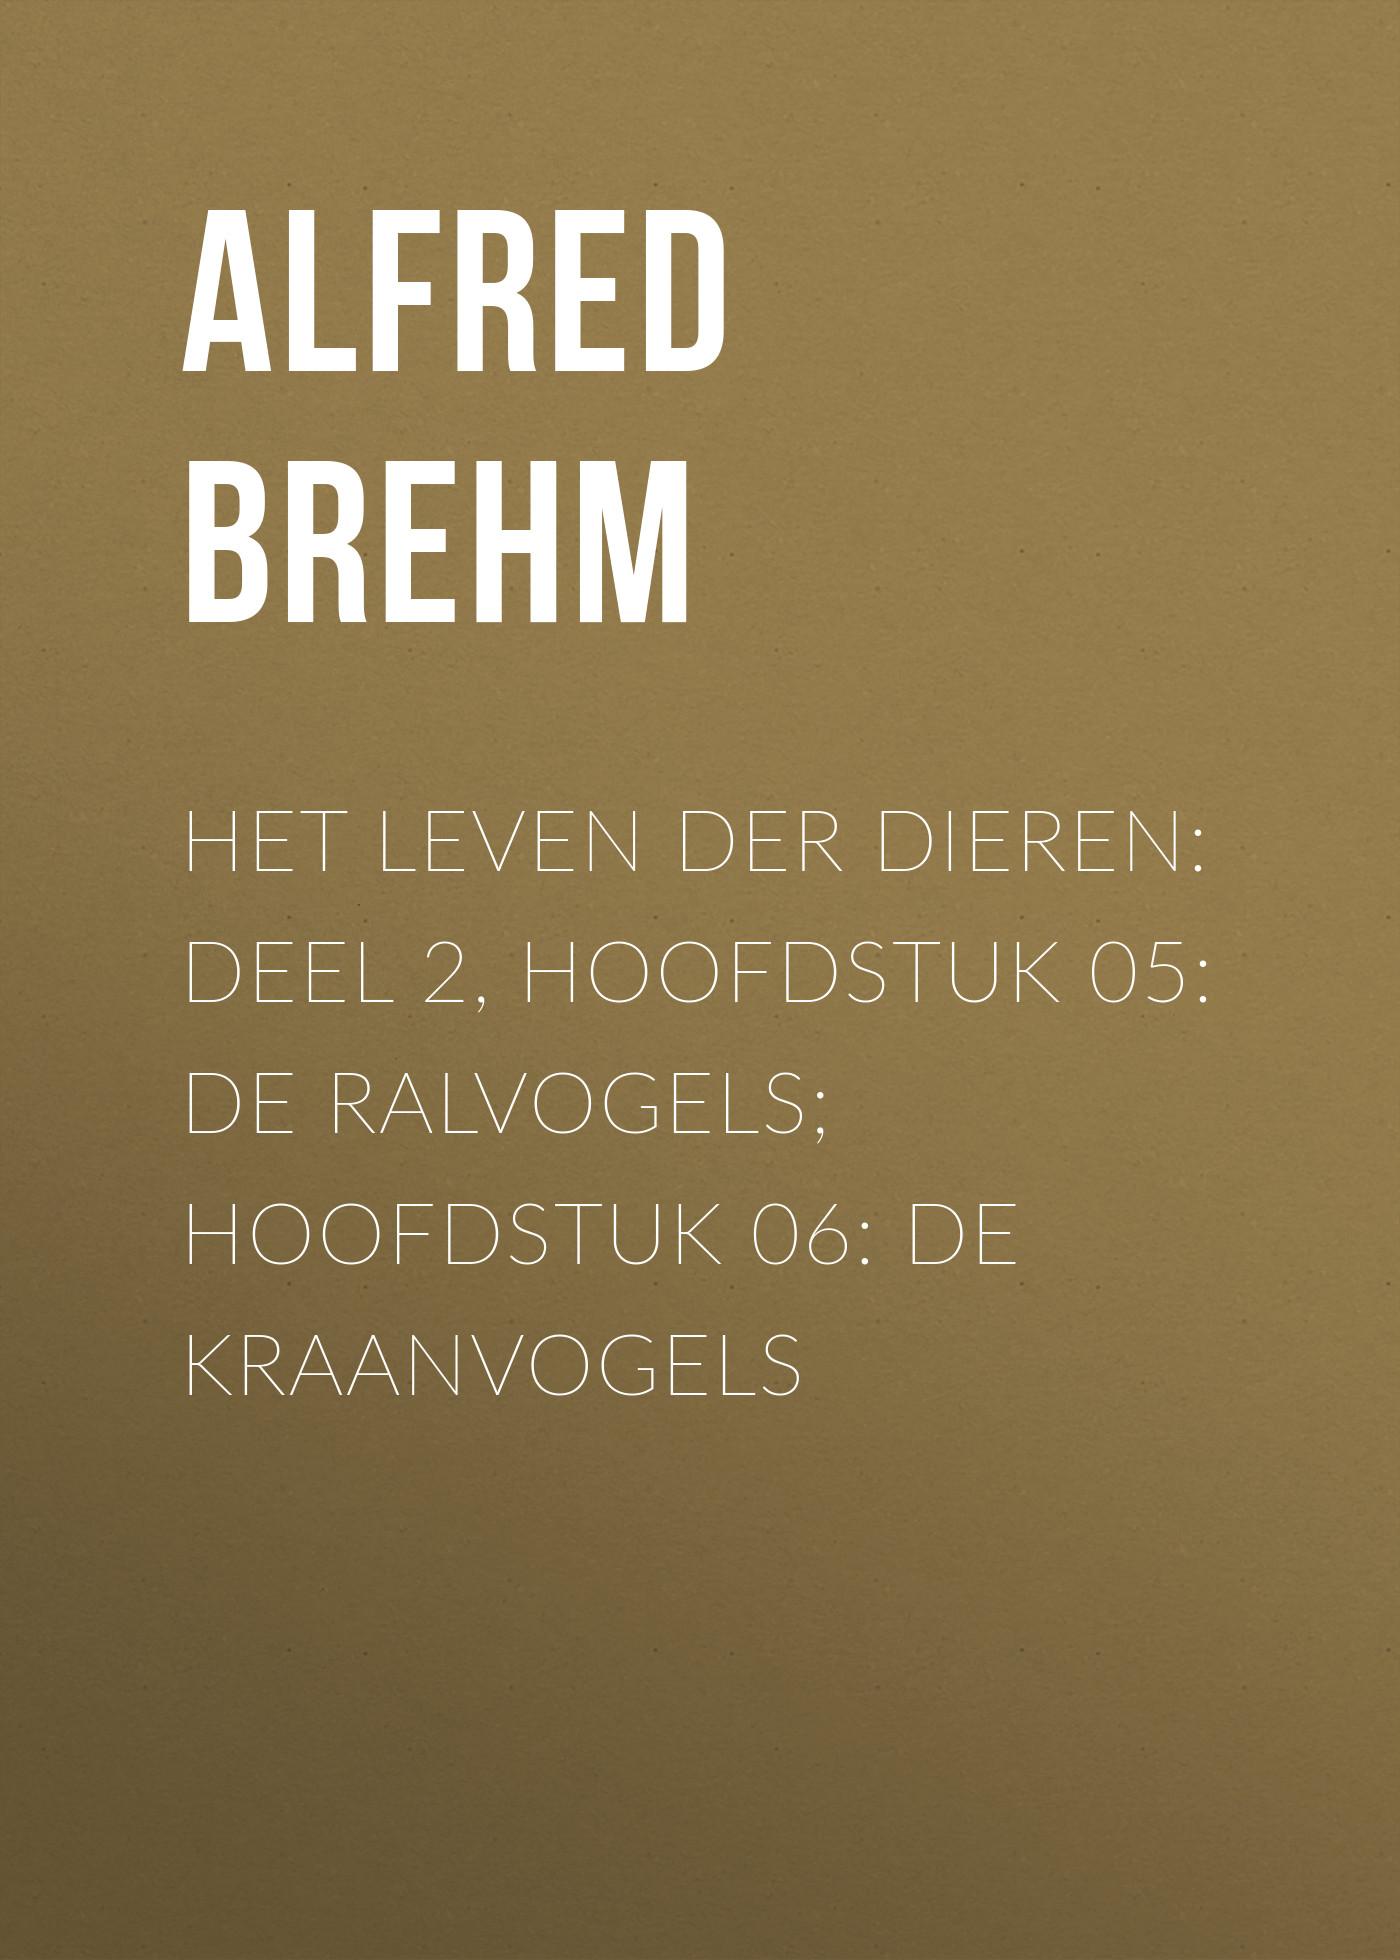 лучшая цена Brehm Alfred Edmund Het Leven der Dieren: Deel 2, Hoofdstuk 05: De Ralvogels; Hoofdstuk 06: De Kraanvogels